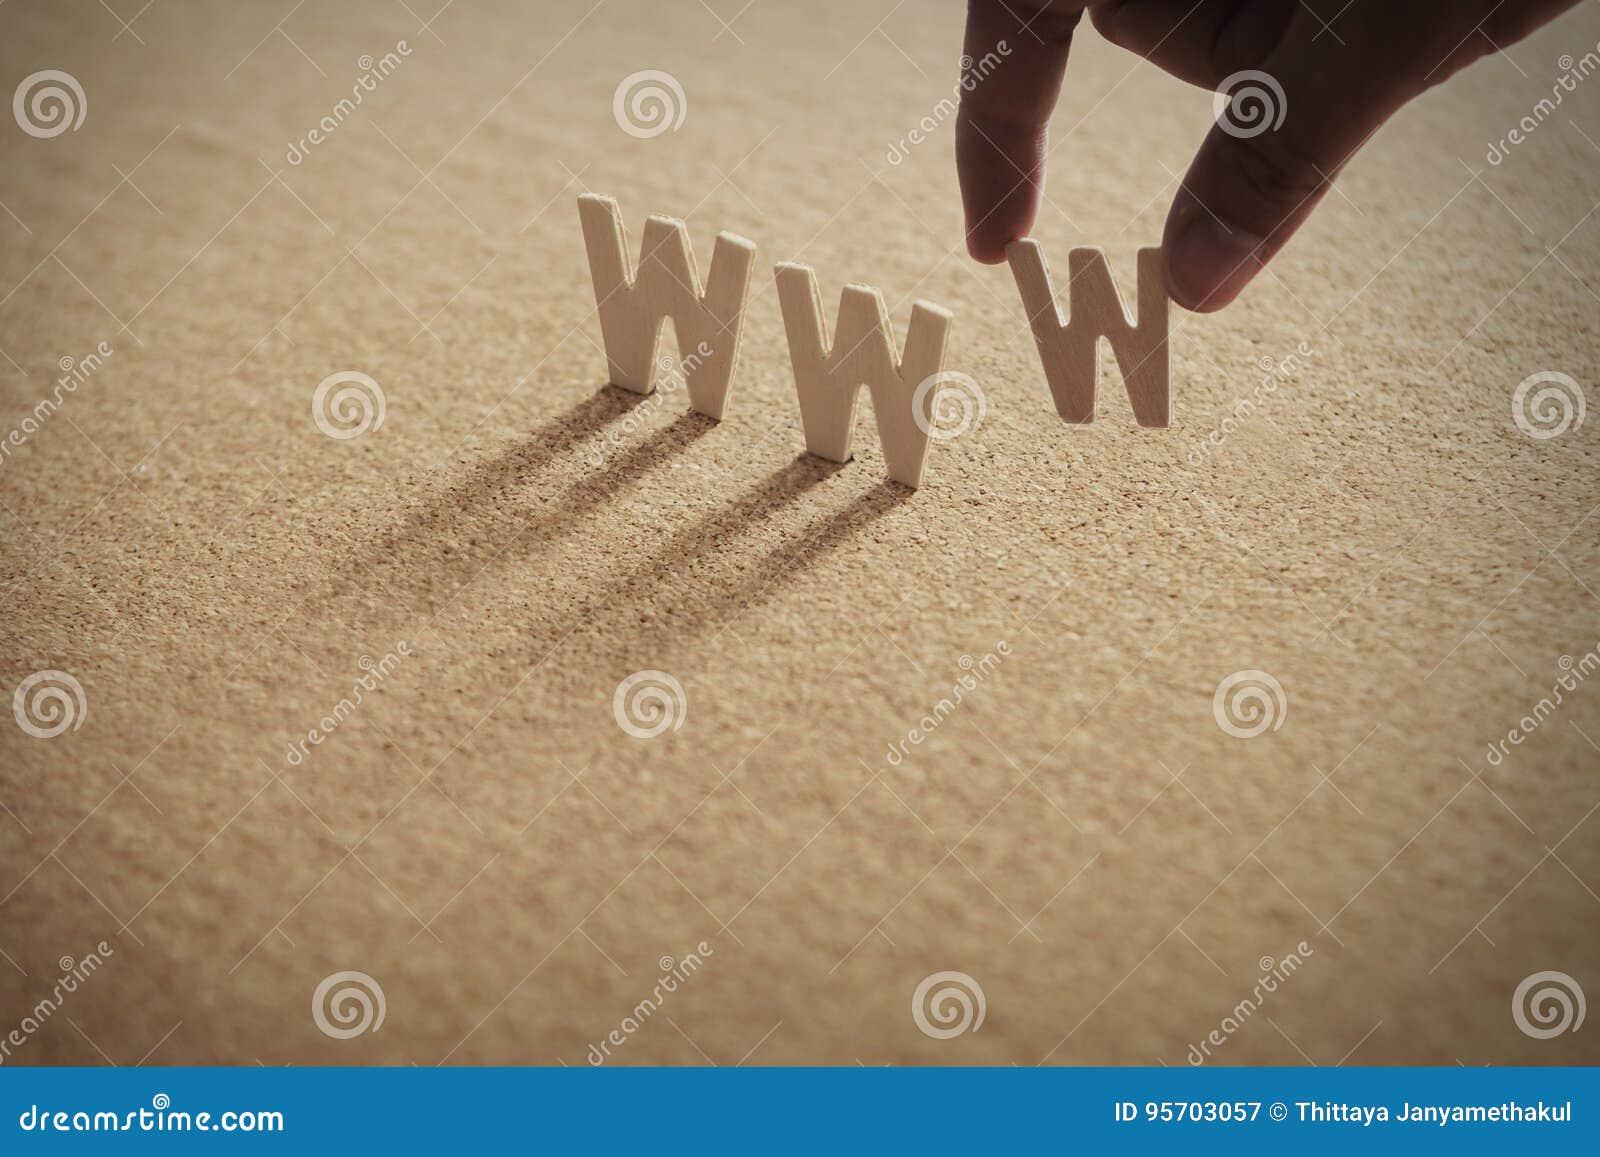 Het houten woord van WWW op samengeperste raad